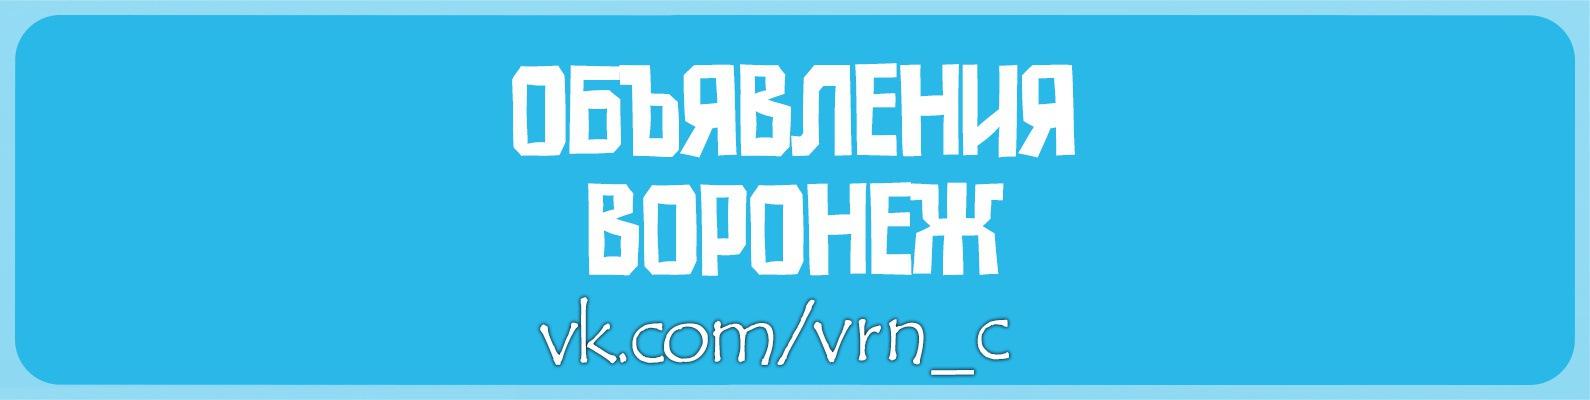 Юридическая помощь воронеж вконтакте dj адвокат по уголовному праву Шендрикова улица